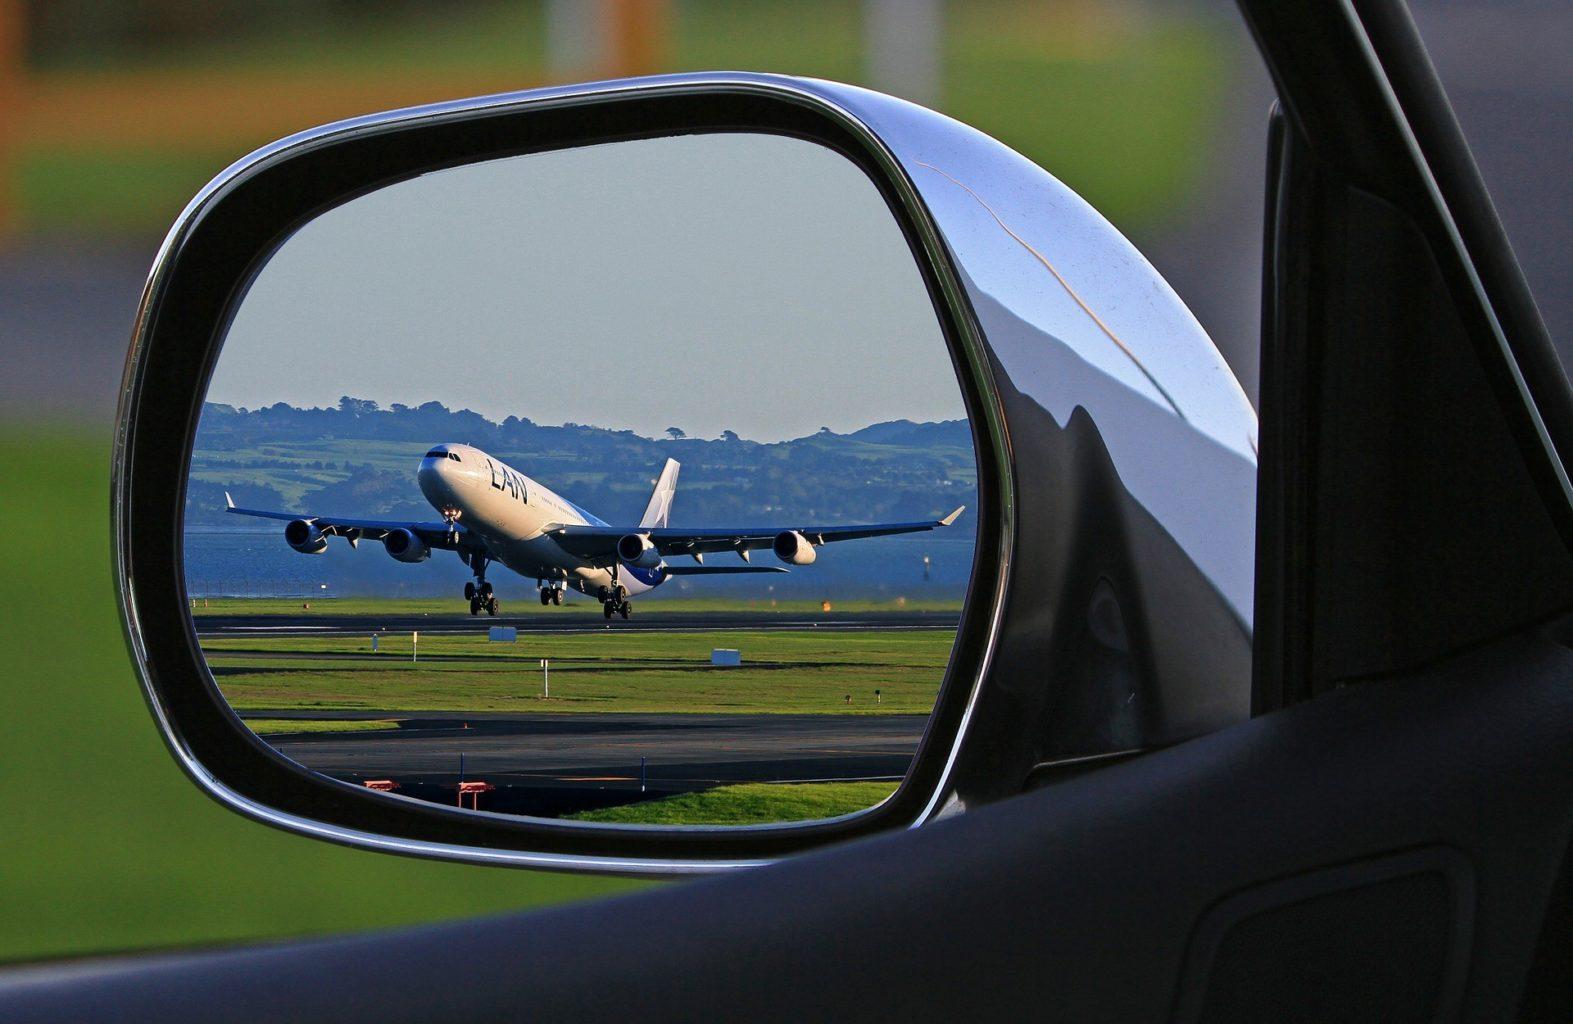 Авиакомпания запустила рейсы в неизвестном направлении